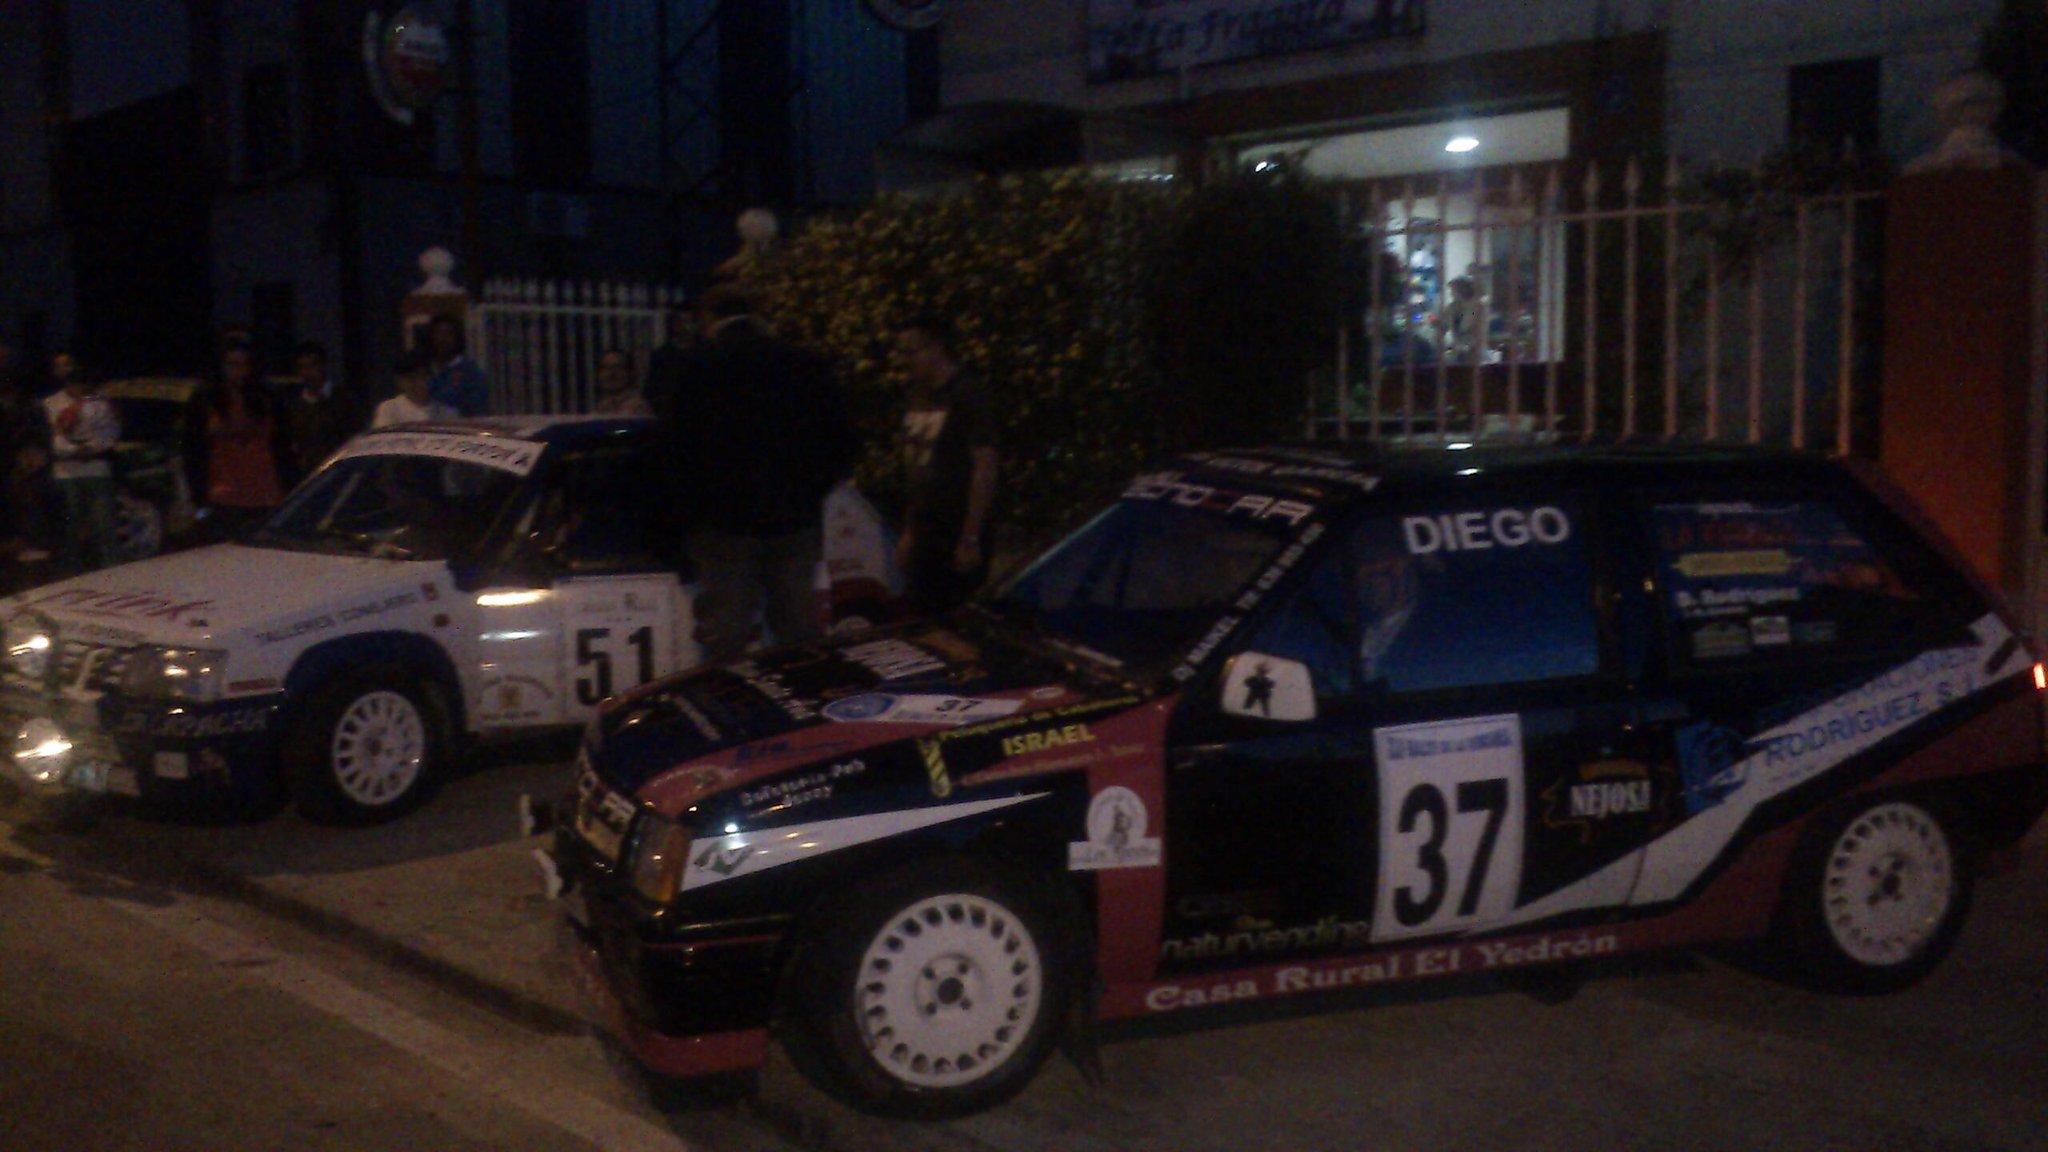 [EXTREMADURA] XXVIII Rallye Norte de Extremadura [26-27 Abril] - Página 5 BIPTk0PCYAAnapH